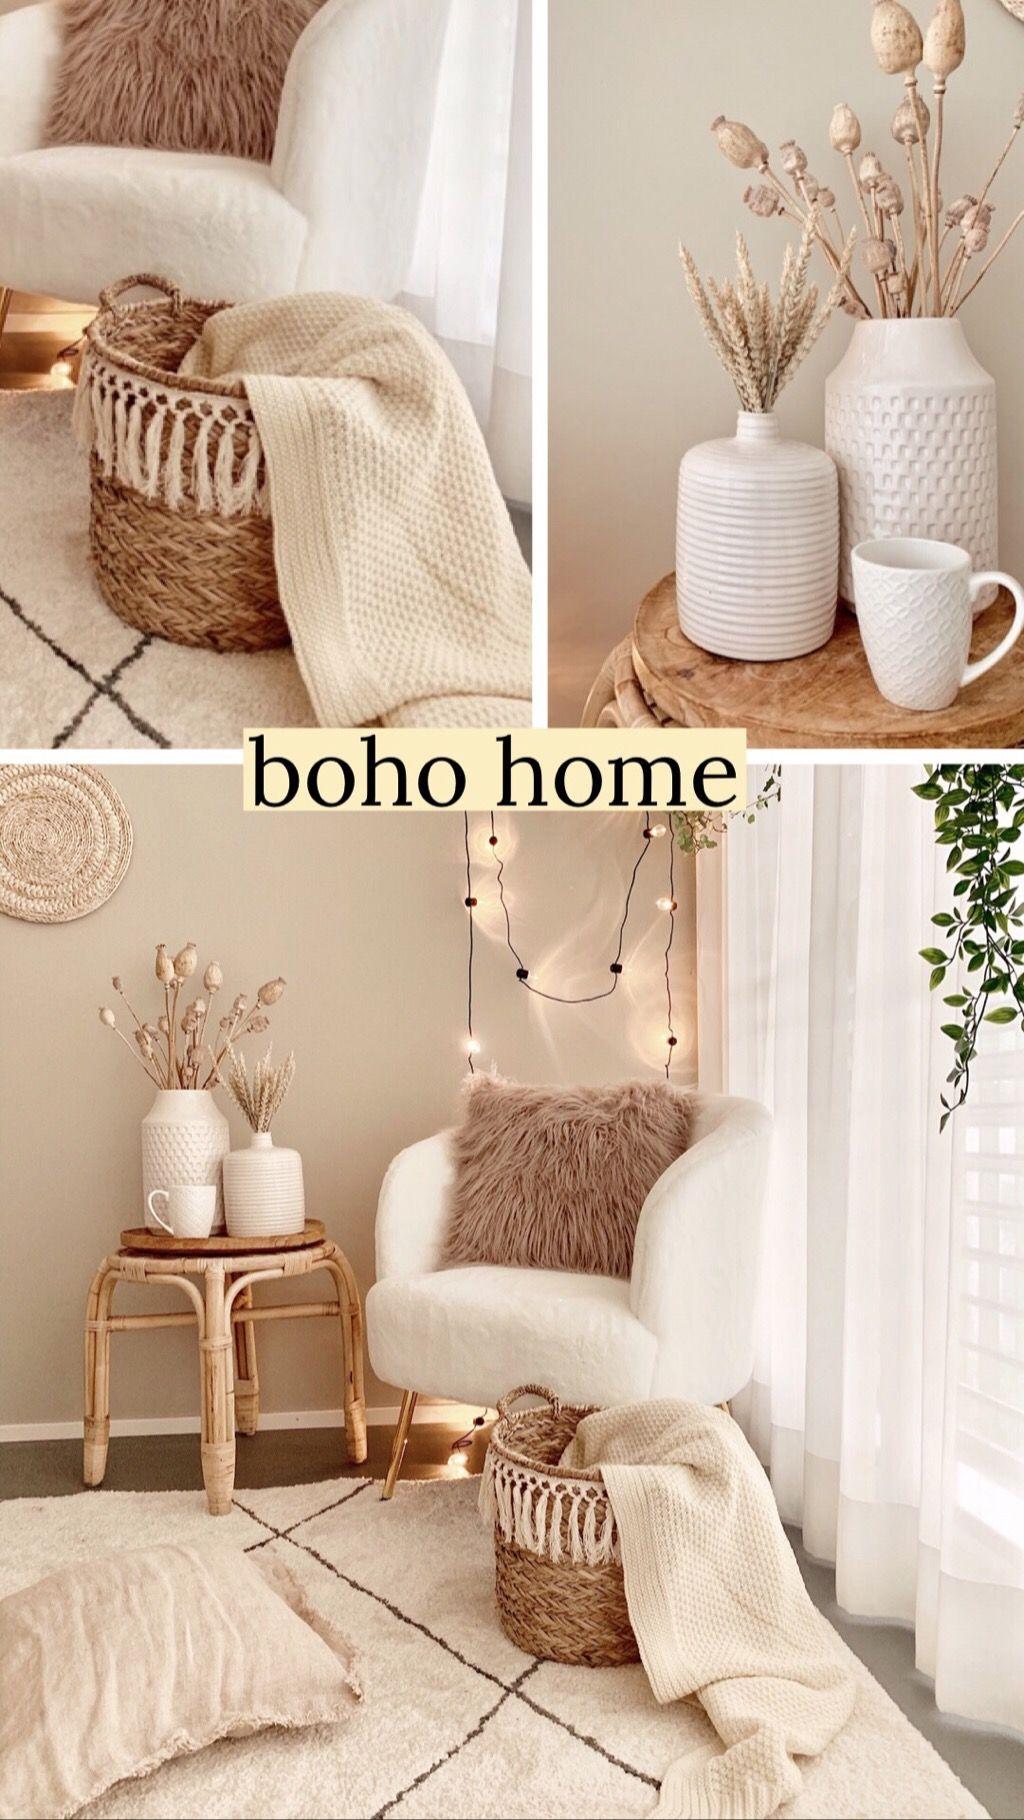 Dein Boho-Traum wird wahr. #boho #schlafzimmerdeko #schlafzimmer #bohochic #boholiving #wohnidee #dekoidee #depot #bohowohnen